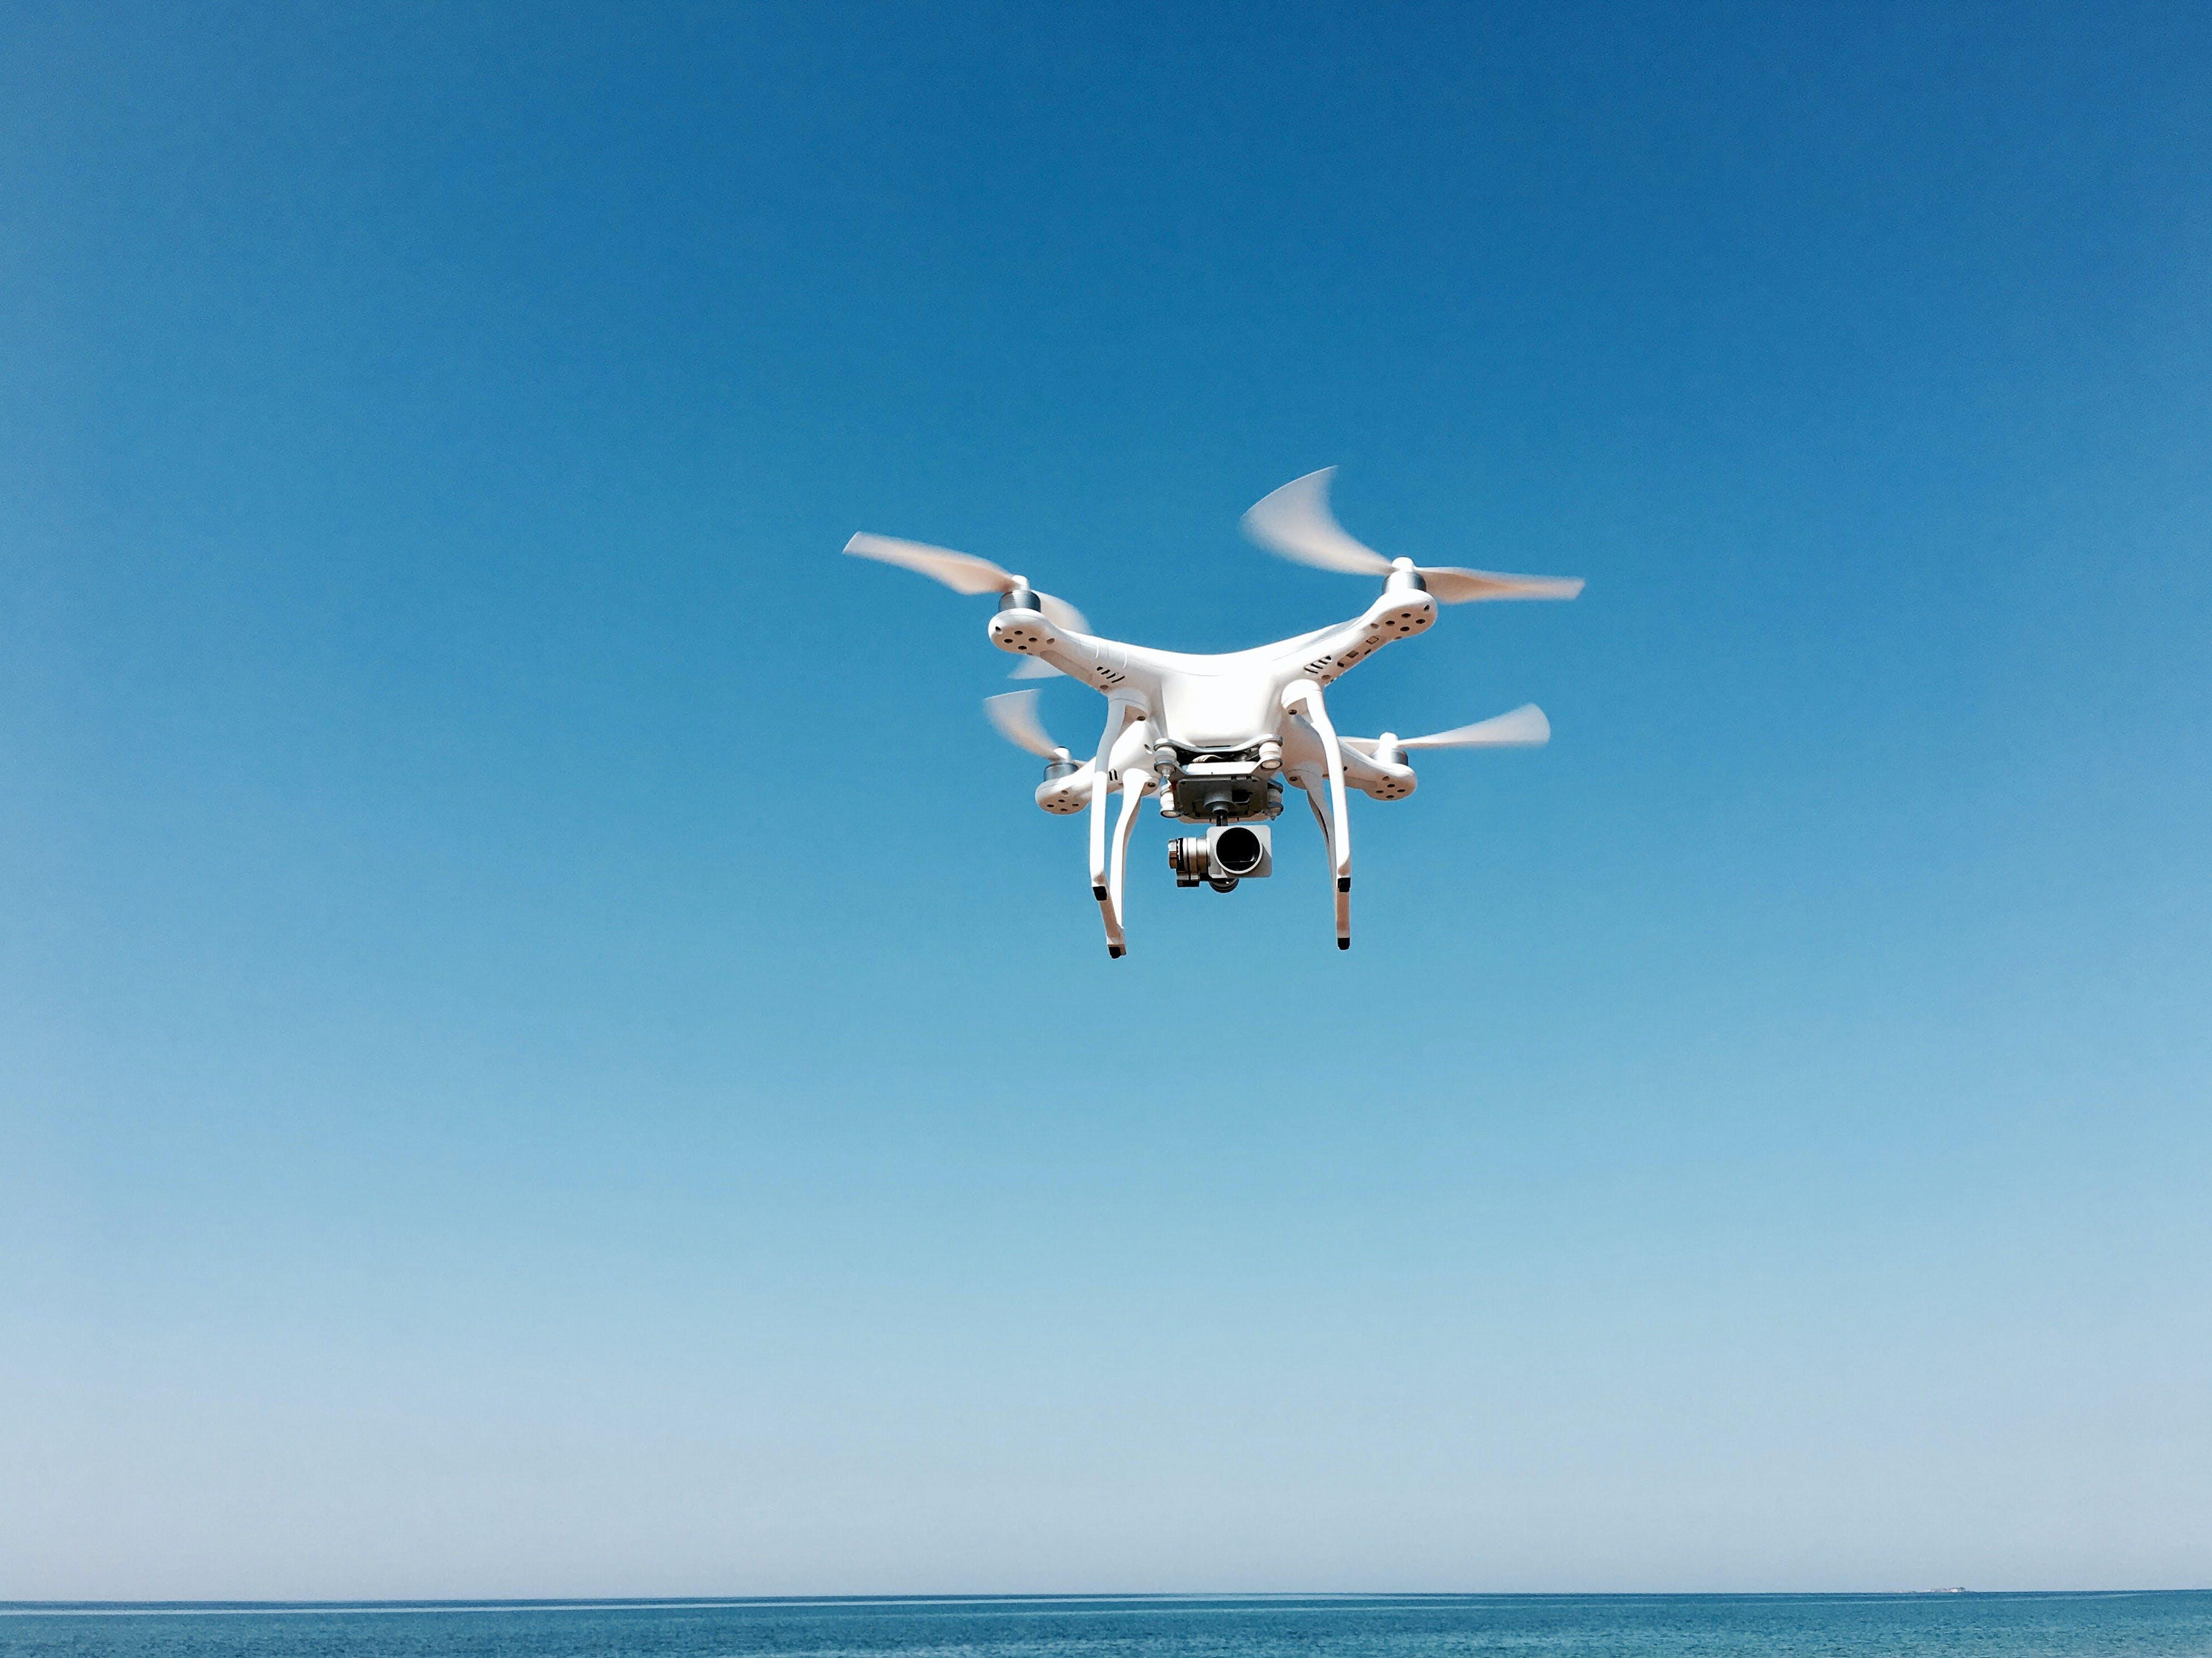 天空, 技術, 無人機, 相機 的 免費圖庫相片